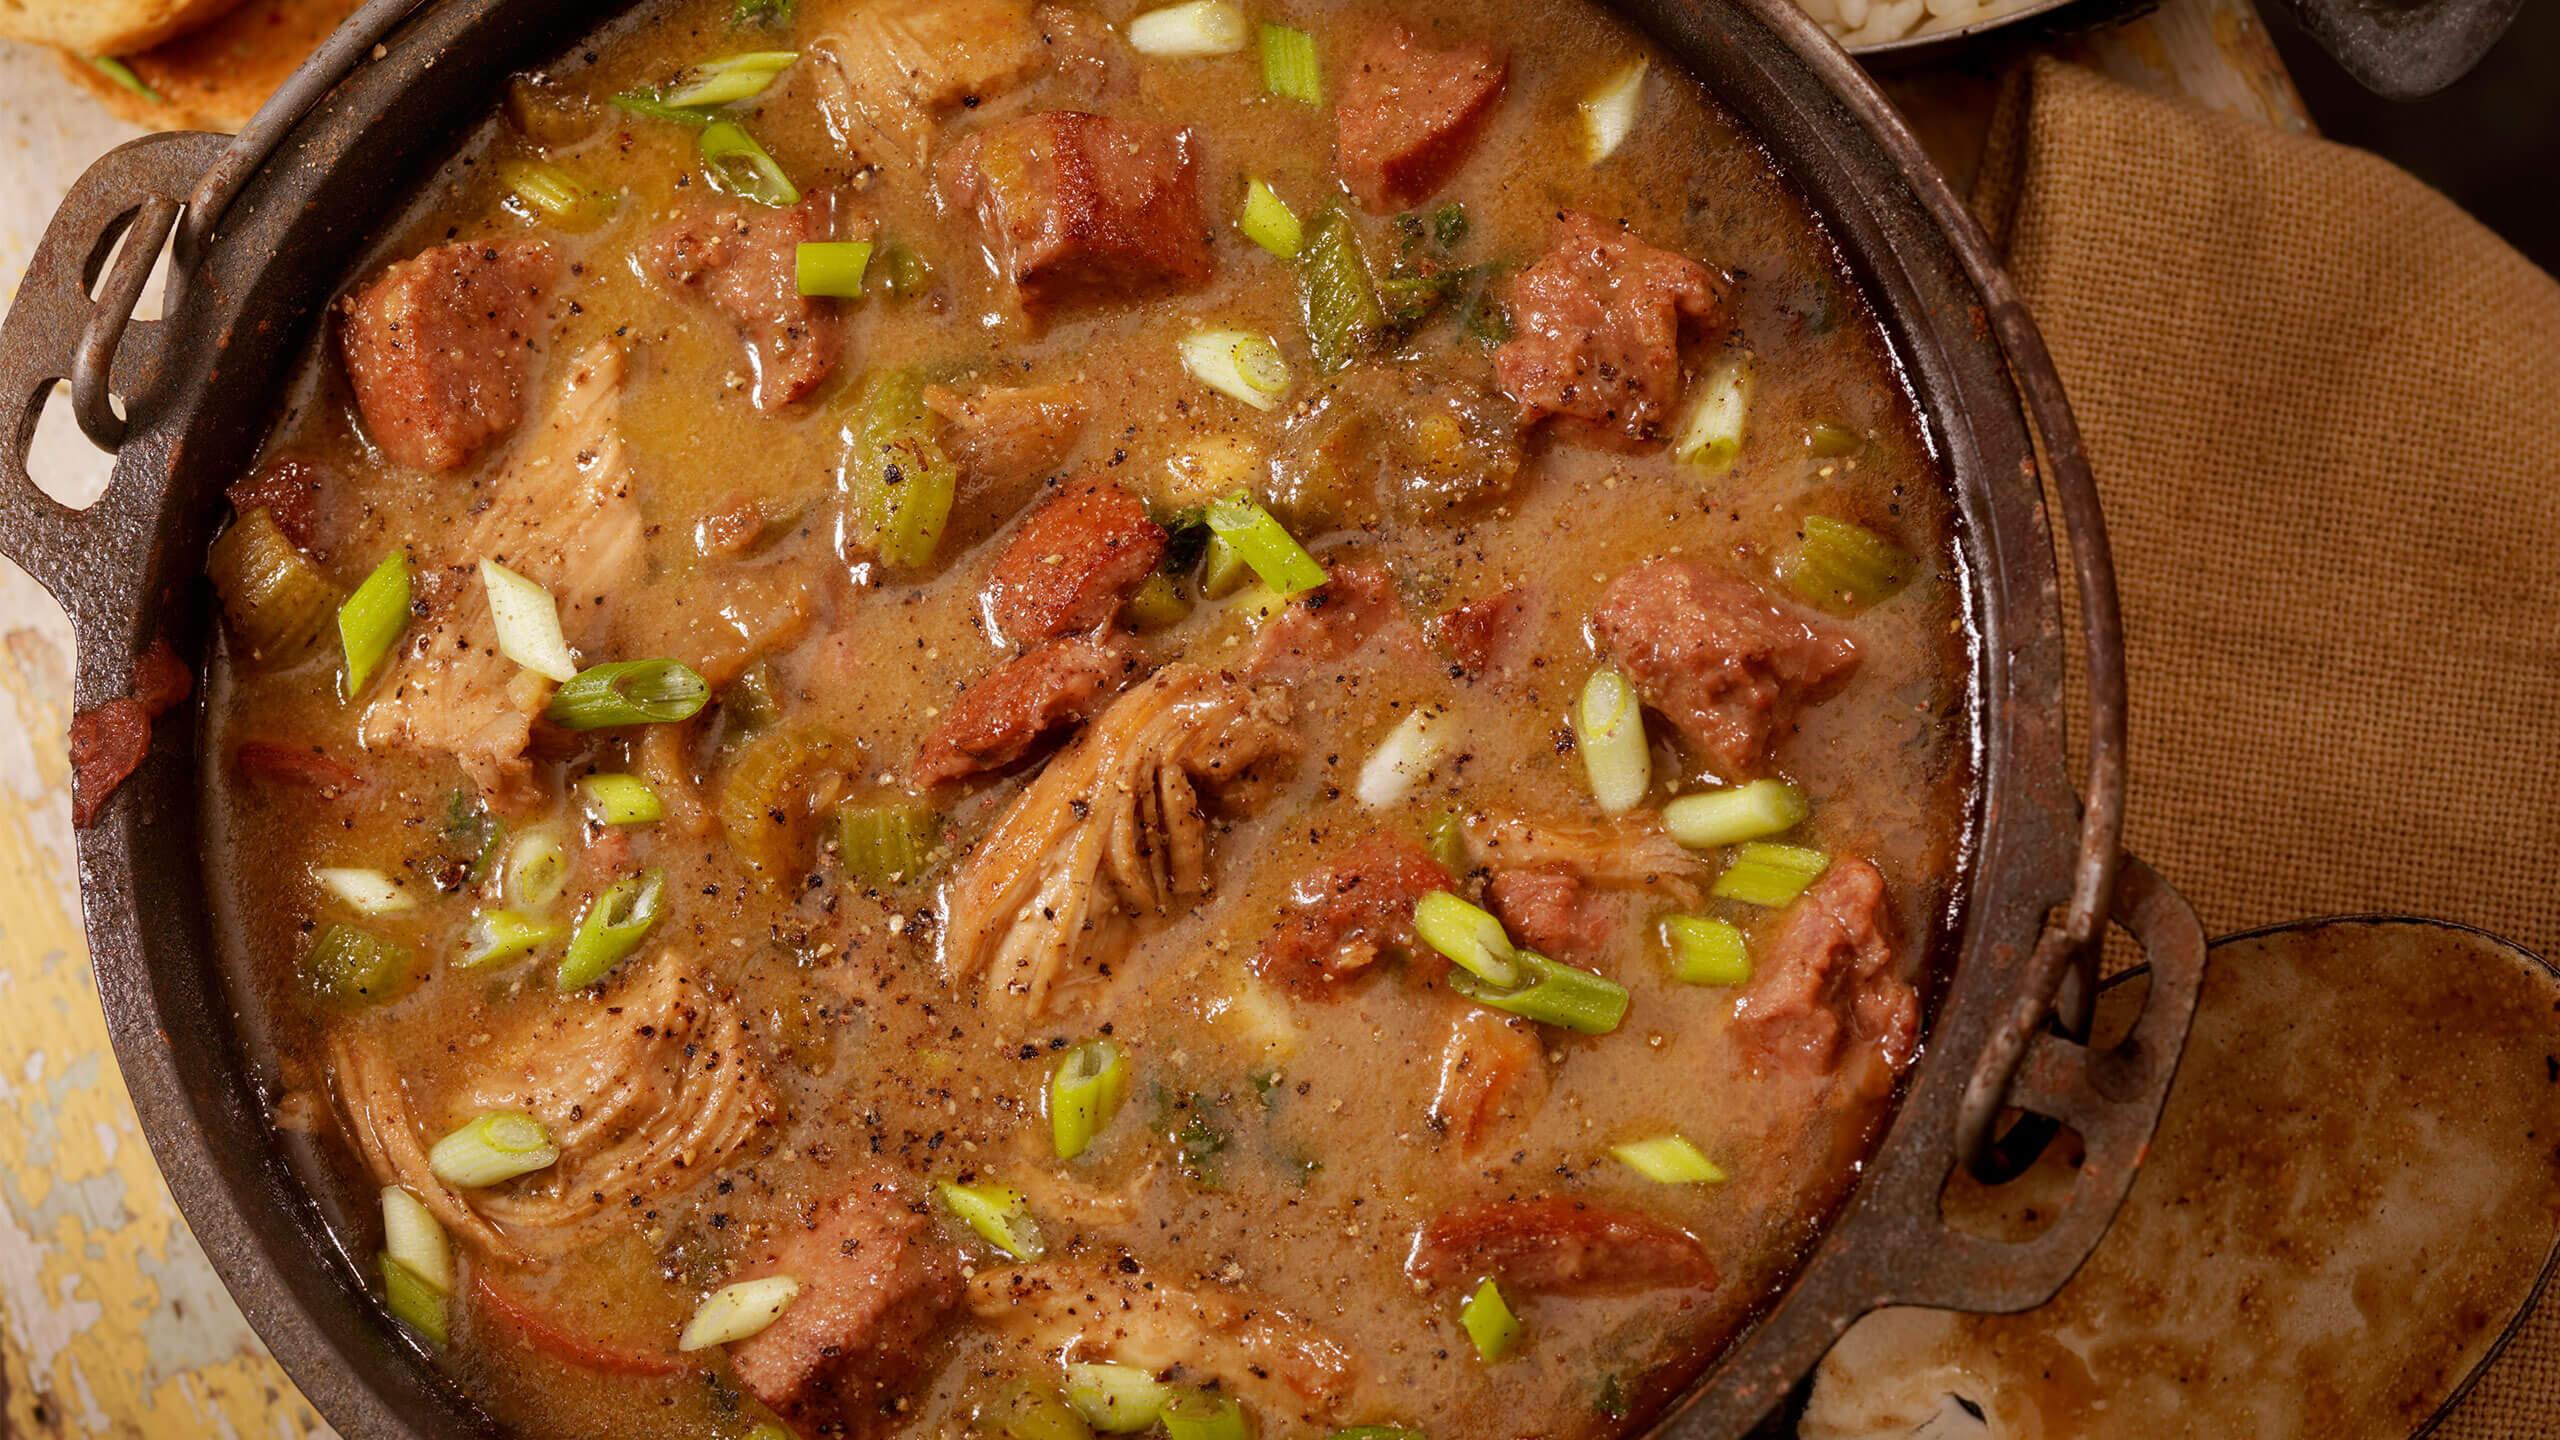 Eula Mae's Sausage and Shrimp Gumbo